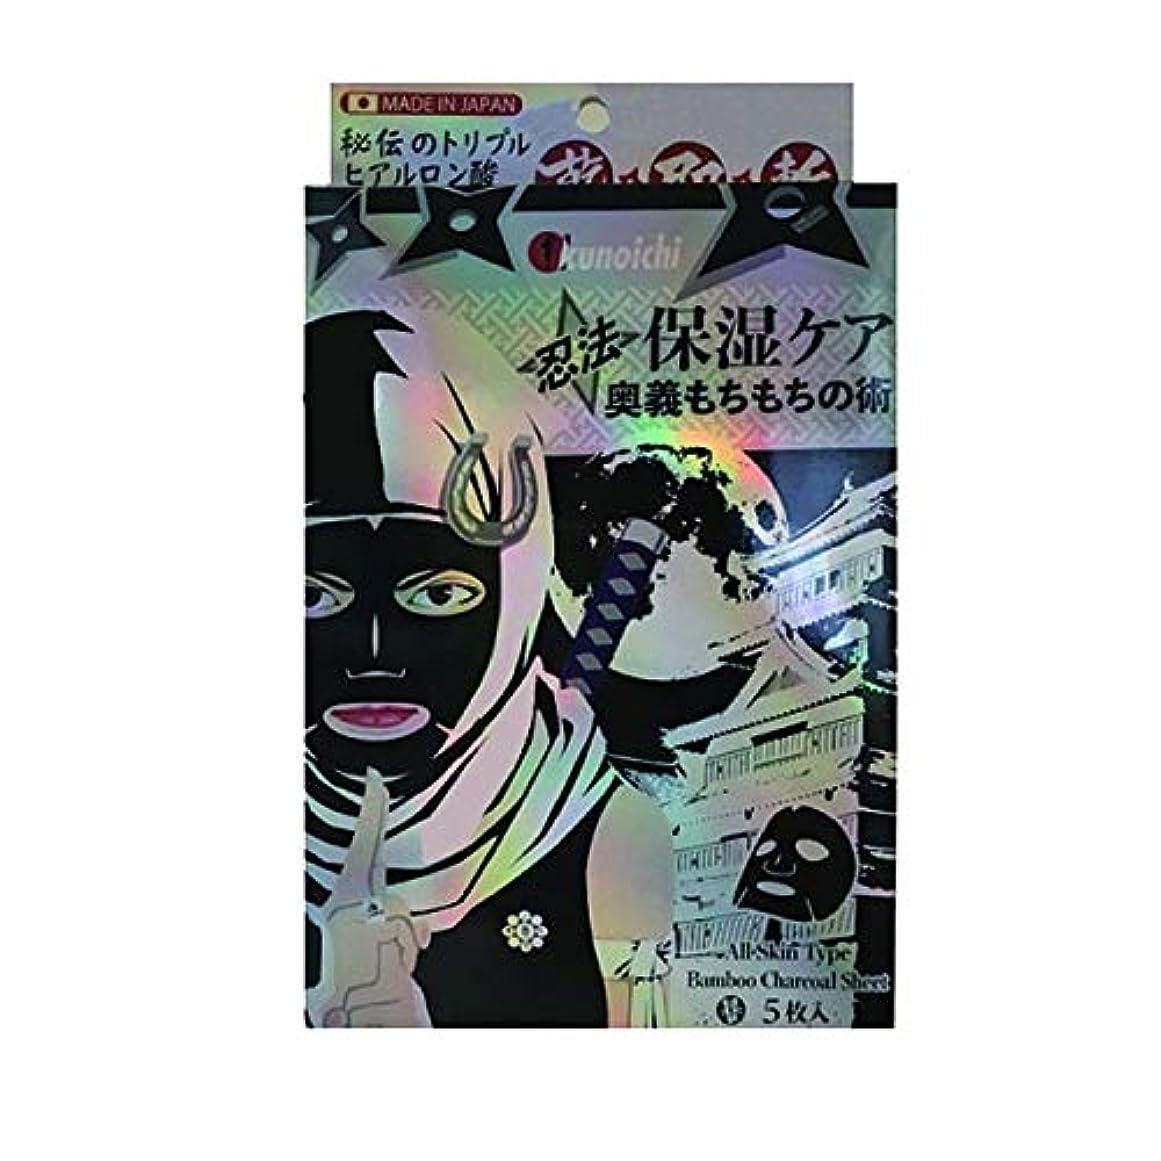 キウイ断言する道路くの一 エッセンスマスク 保湿ケア 25g×5枚